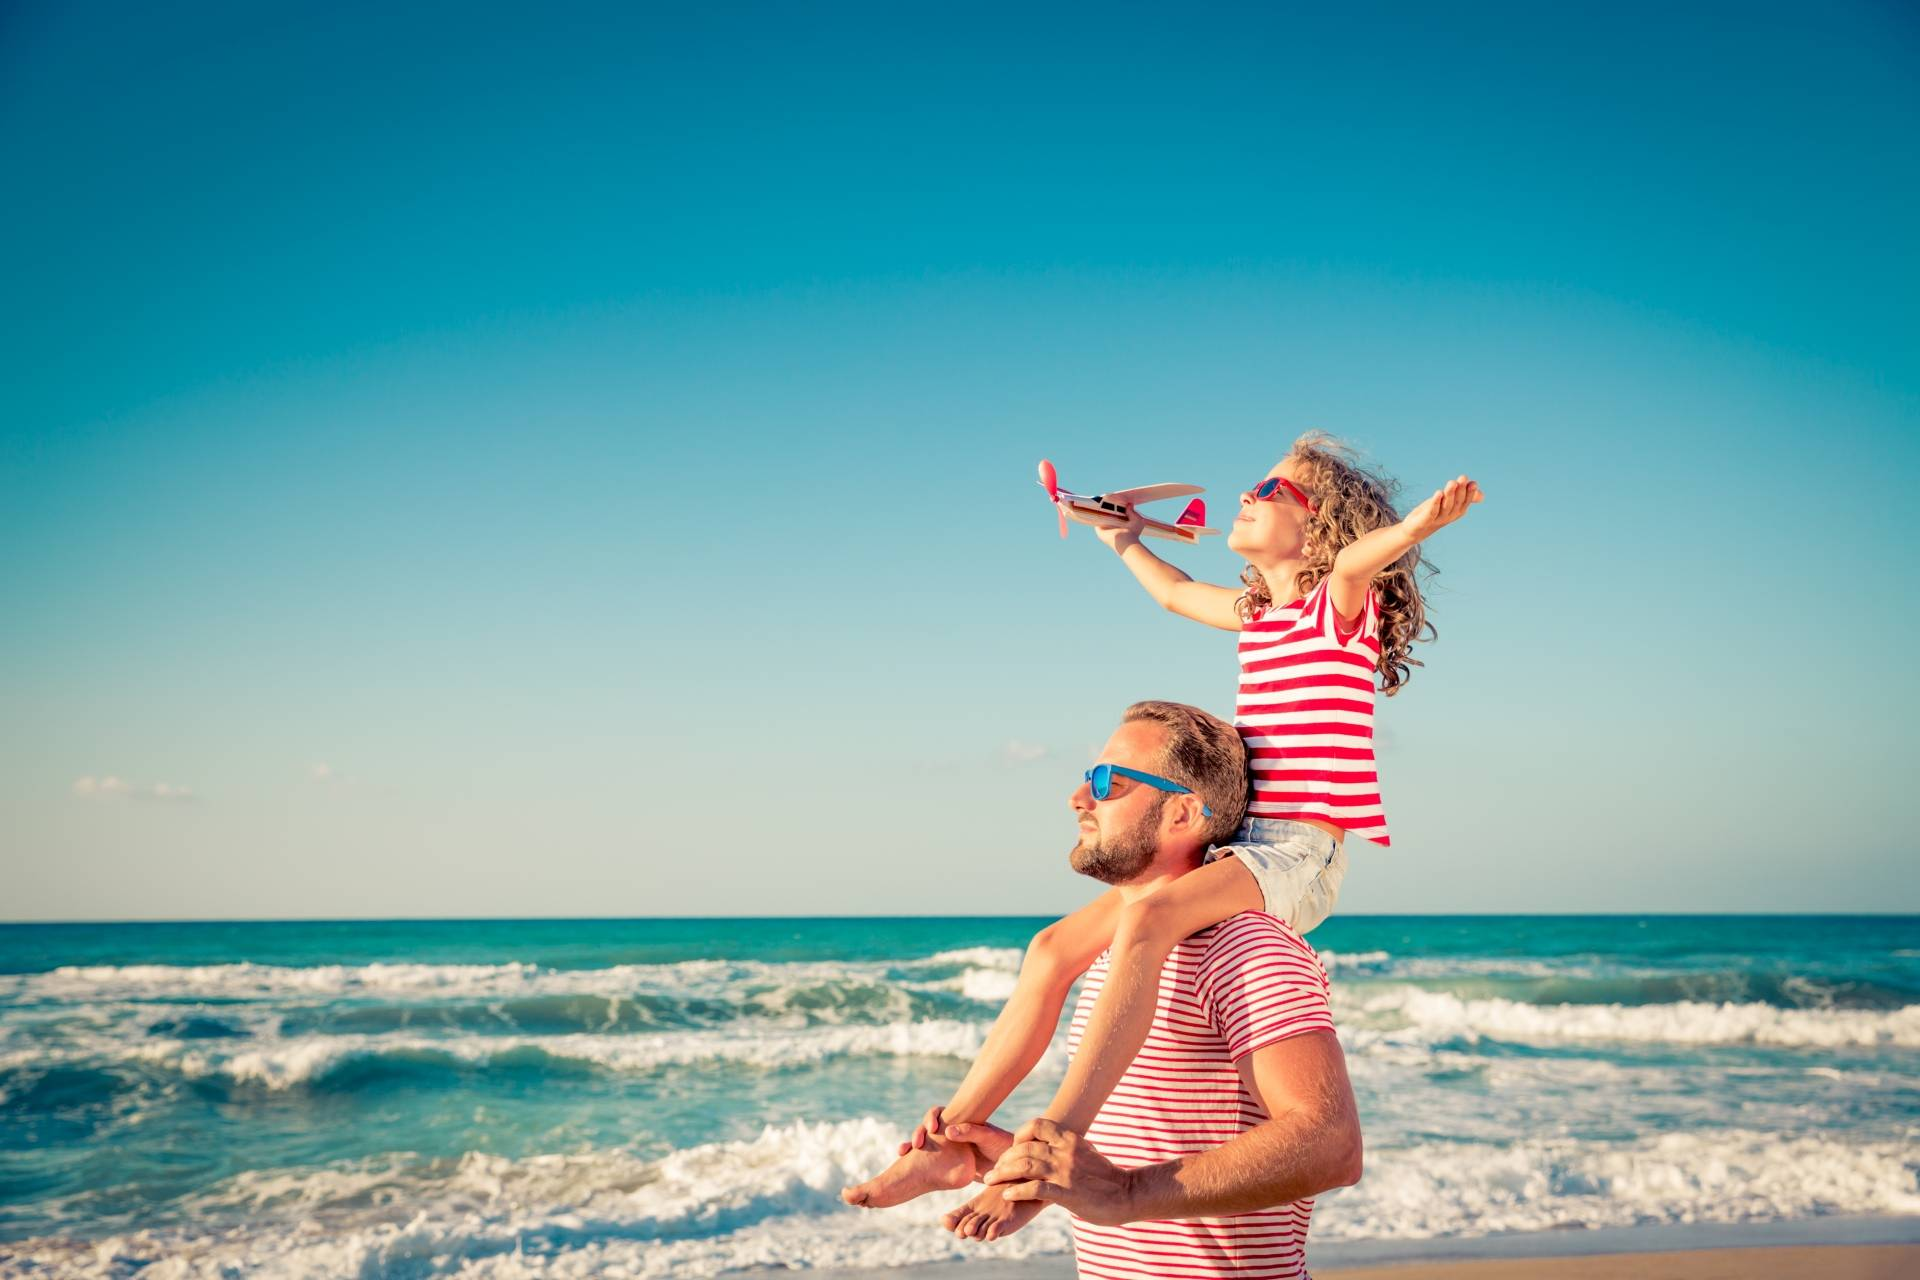 Dziewczynka siedzi u taty na barana i bawi się małym samolotem na plaży. Jak chronić dziecko przed udarem słonecznym?